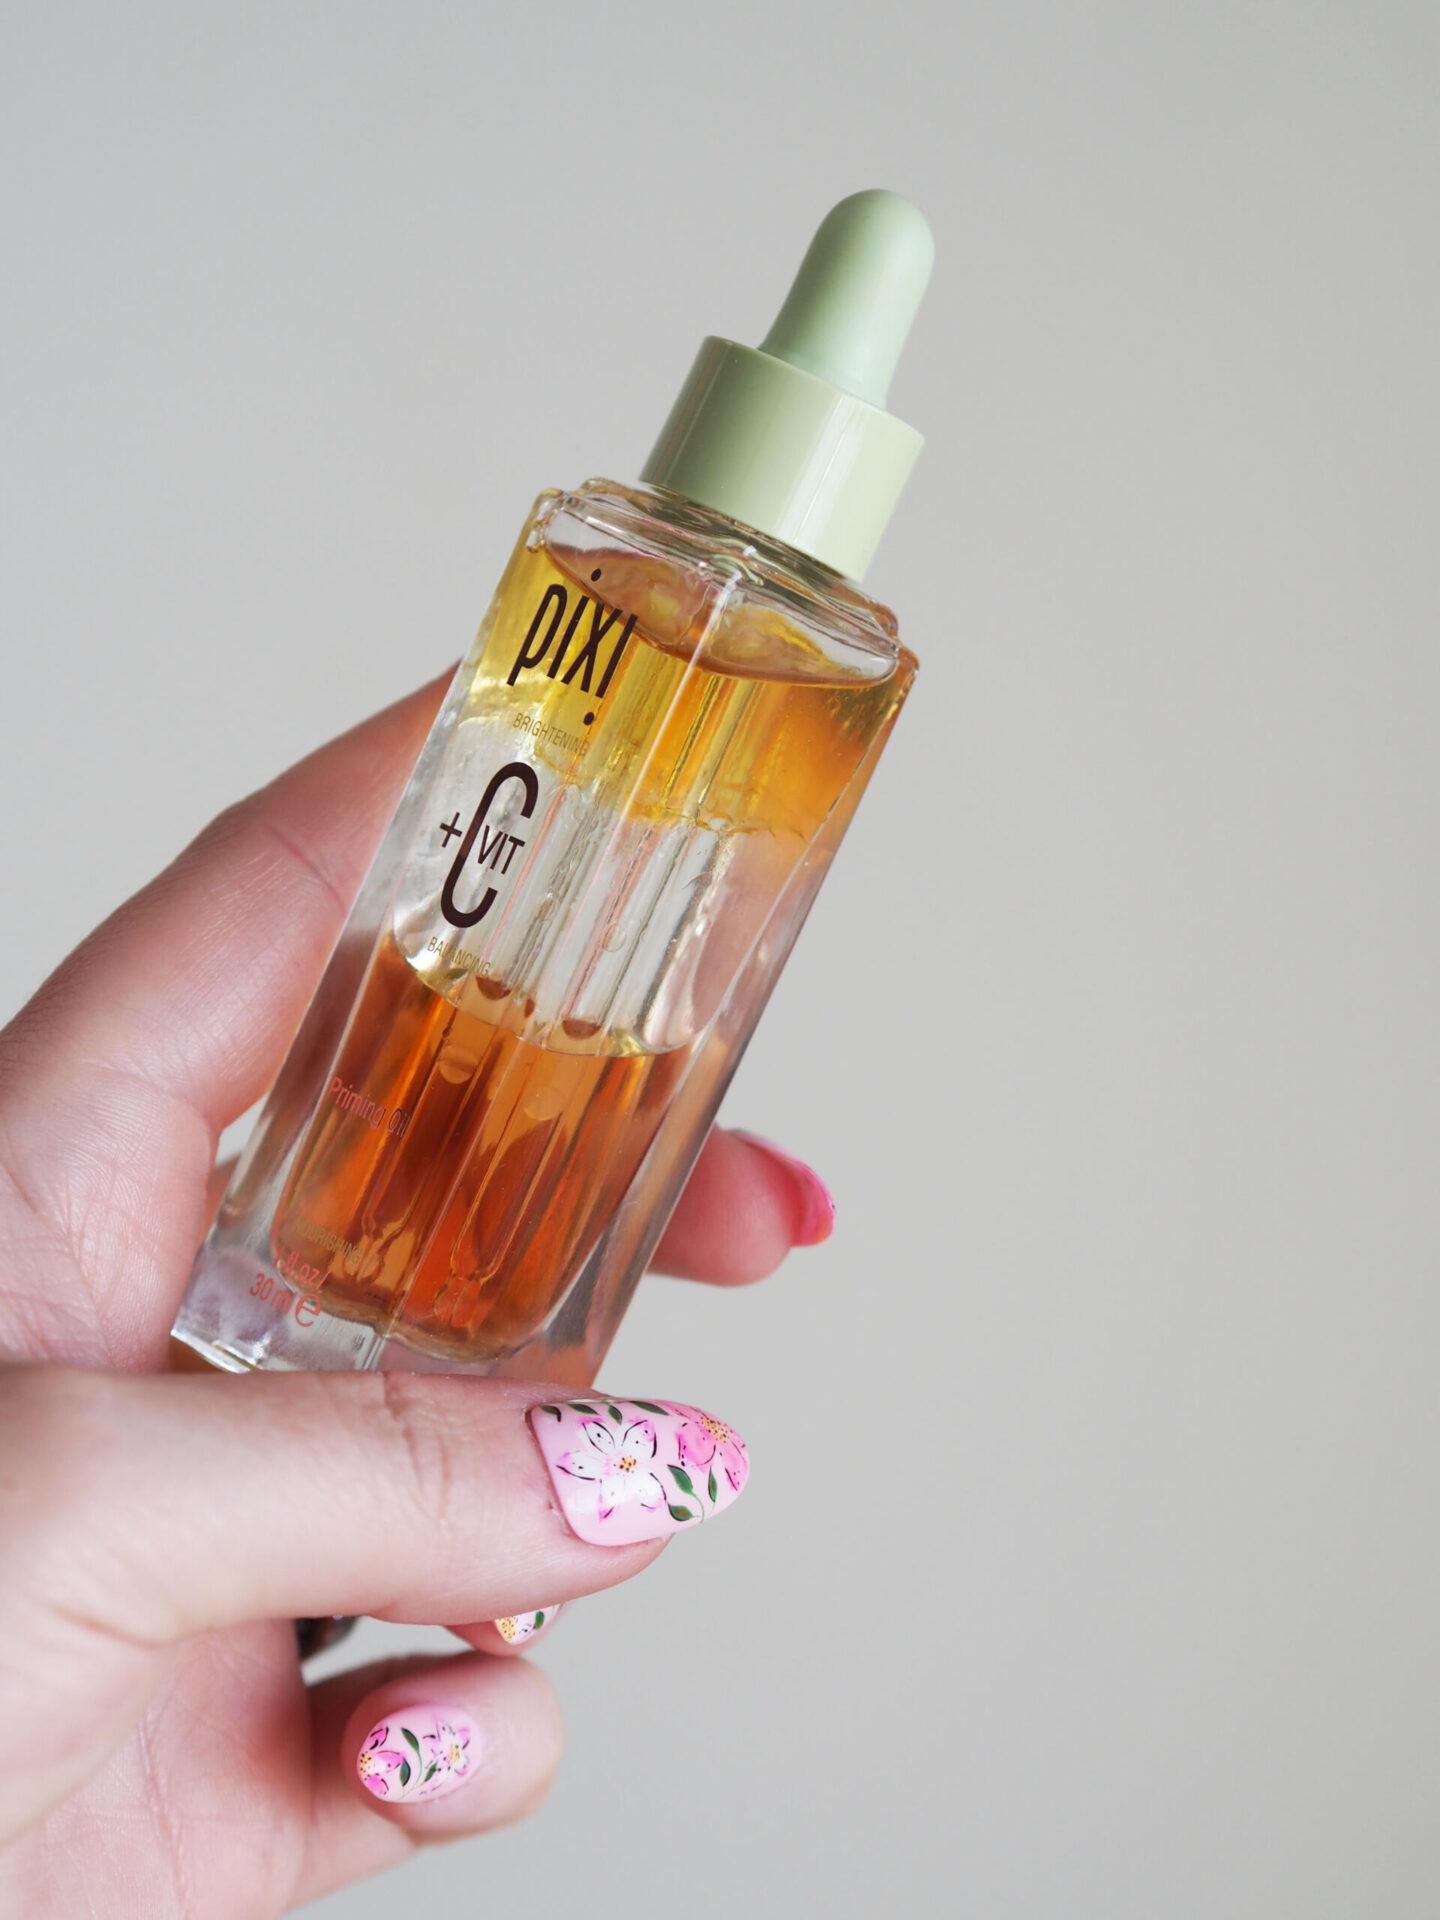 PIXI +C Vit Colourtreats Priming Oil